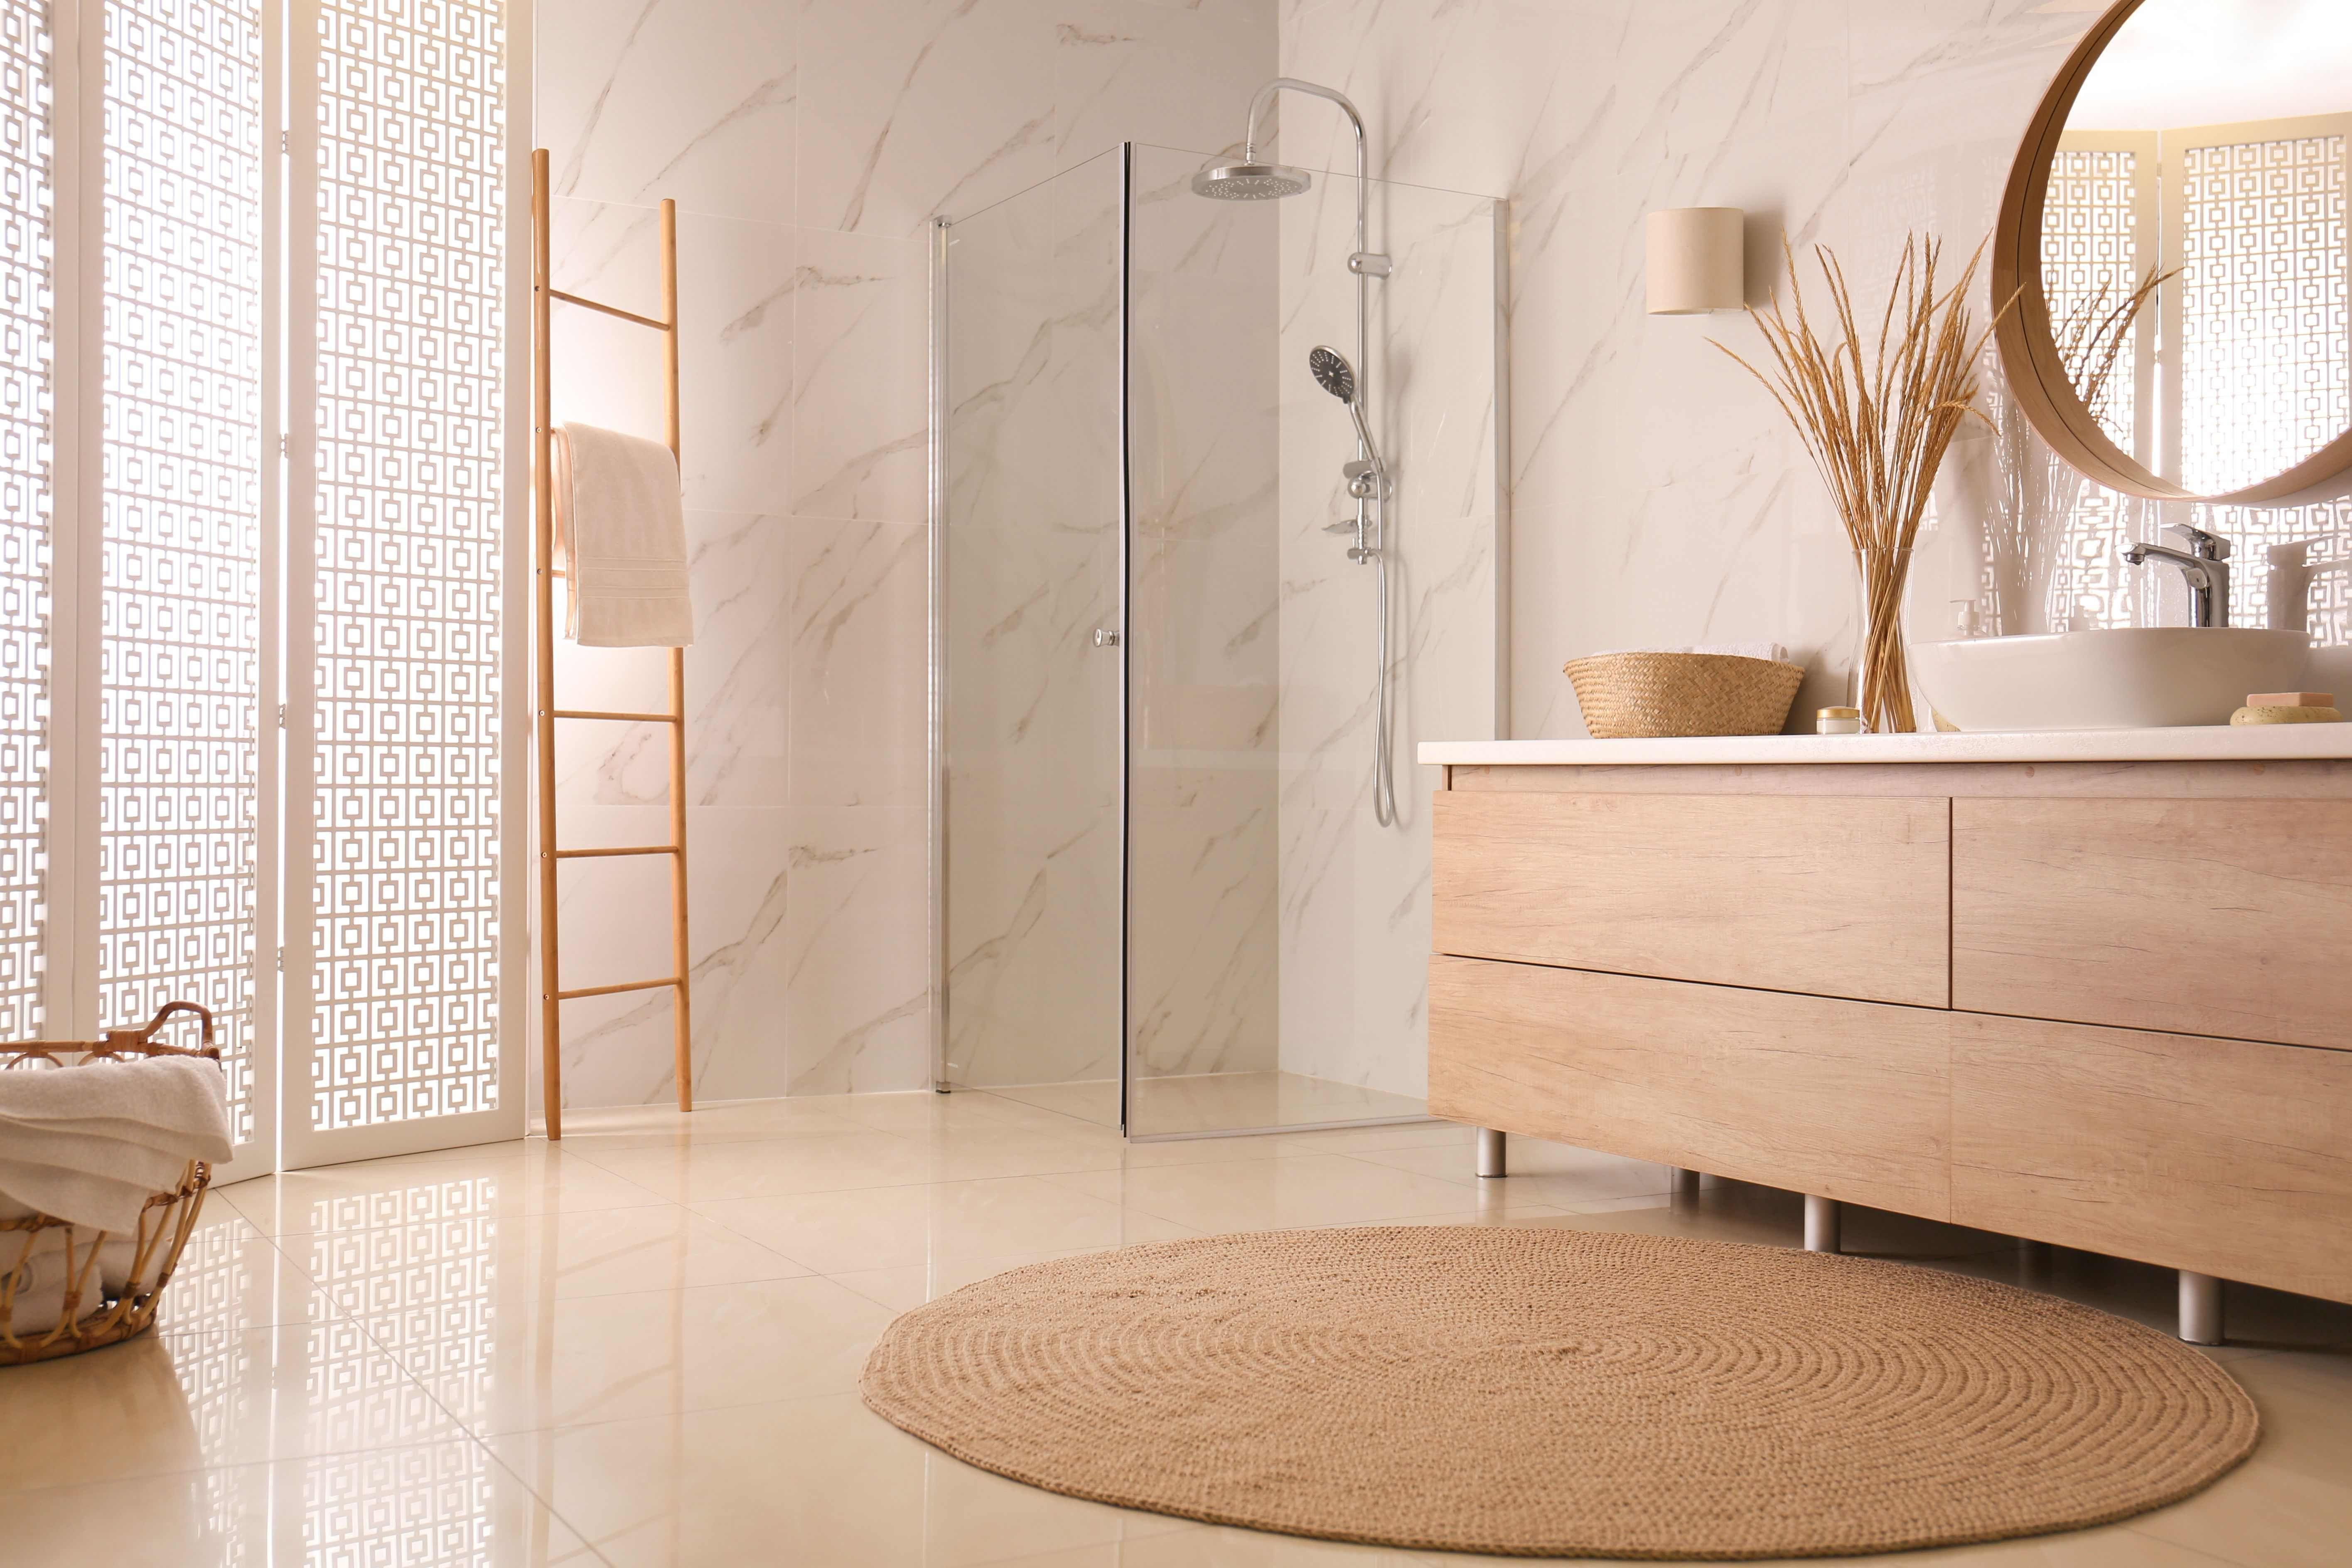 Salles de bains :  styles et tendances